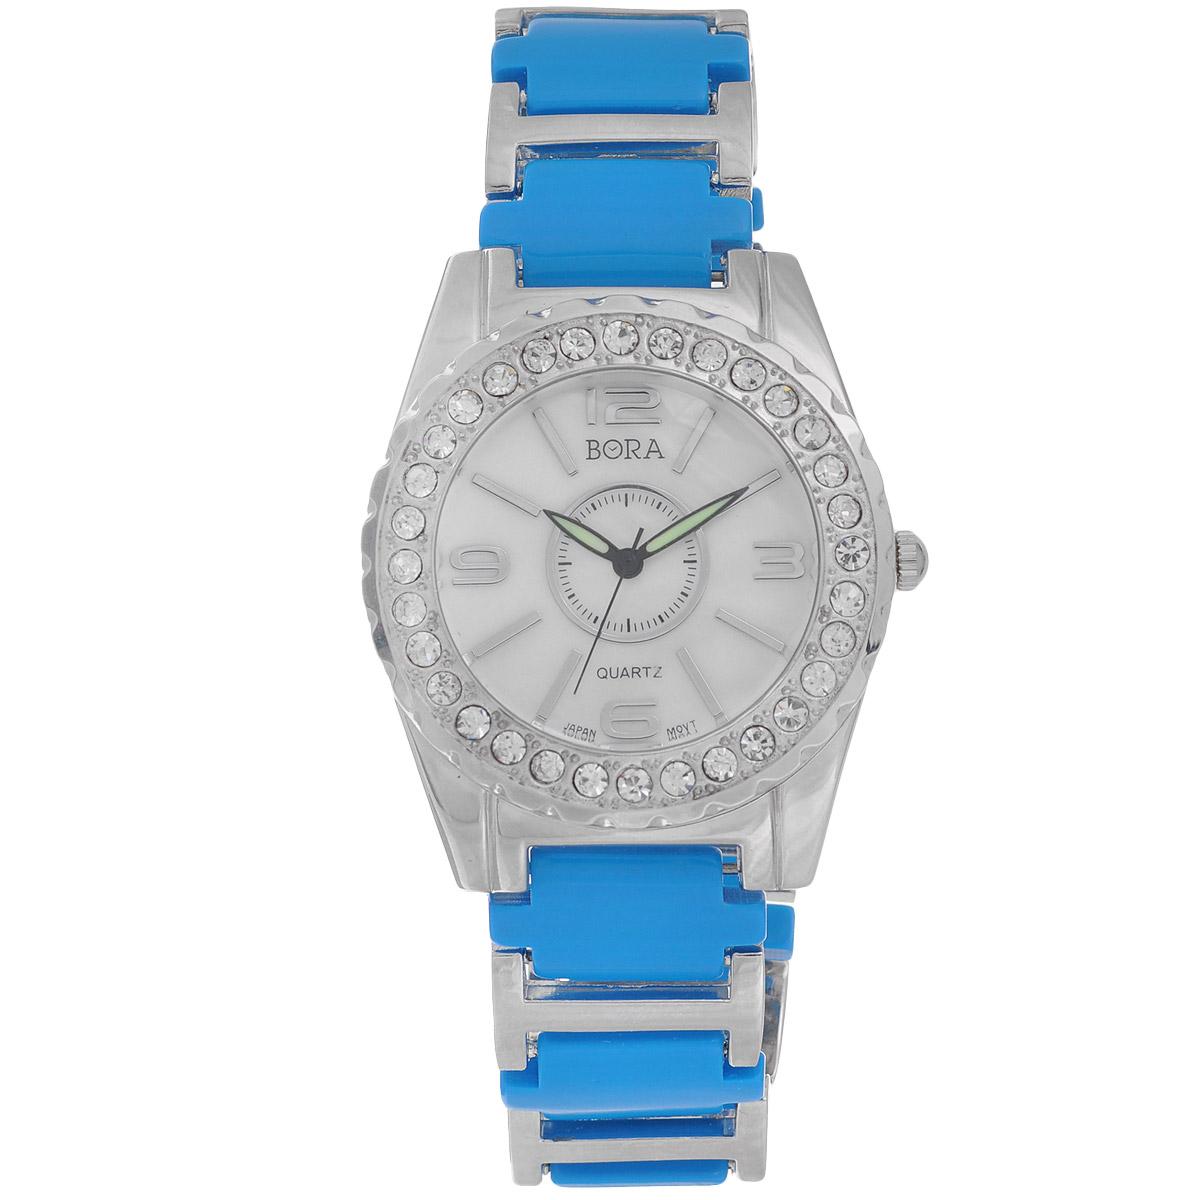 Часы наручные женские Bora, цвет: голубой, серебряный. FWBR052 / T-B-8527-WATCH-TURQUOISEFWBR052 / T-B-8527-WATCH-TURQUOISEЧасы торговой марки Bora отличает изысканный стиль и превосходное качество изготовления. Японскиймеханизм Seiko отличает невероятная точность. С ними вы точно не пропустите ничего интересного.Корпус часов выполнен из легированного металлического сплава и украшен стразами. Ремешок изготовлен из металла и ювелирного пластика и застегивается на застежку-клипсу. Практичная и незаменимая вещь в сумасшедшем ритме современной жизни. Стильный и элегантныйаксессуар идеально дополнит ваш повседневный образ. Характеристики: Размеры корпуса: 4 х 4,5 х 1 см. Размеры ремешка без учета корпуса: 16 х 2 см.